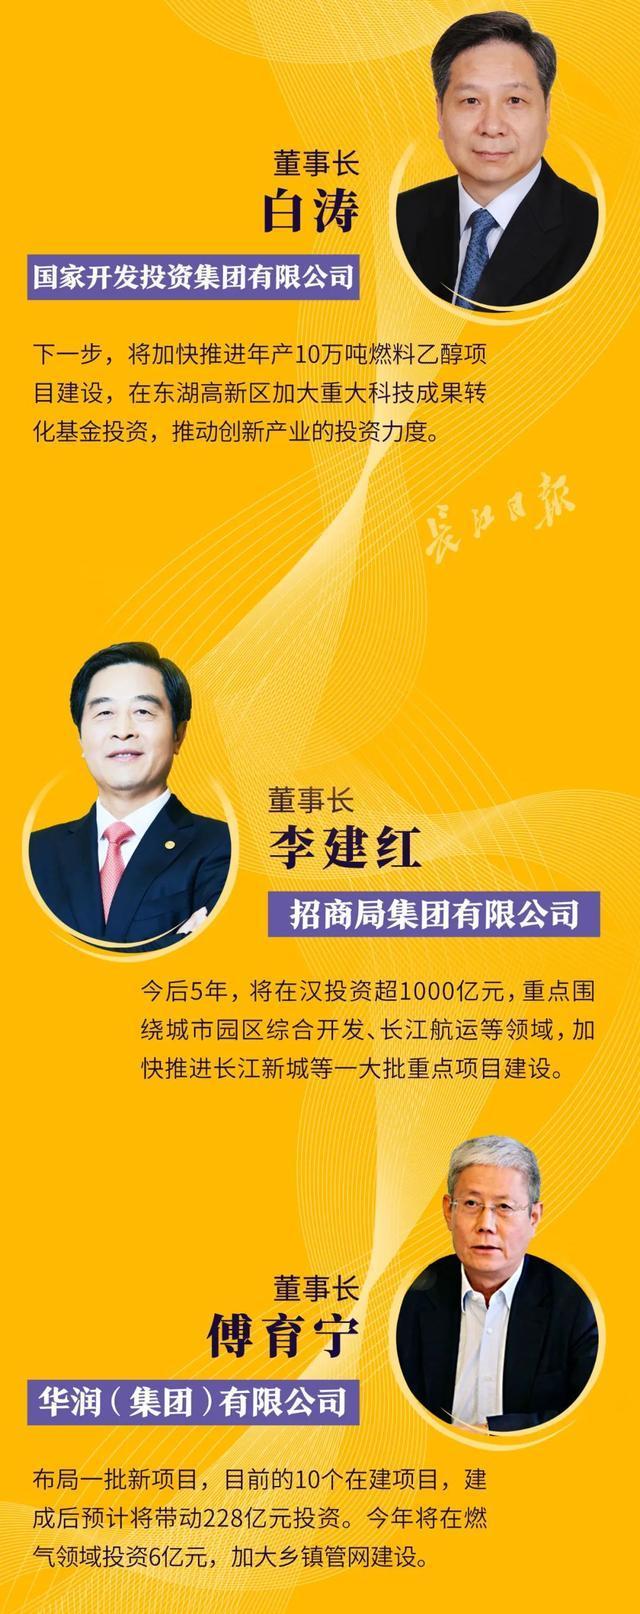 大格局!在武汉,中央企业公会要那么干 第6张